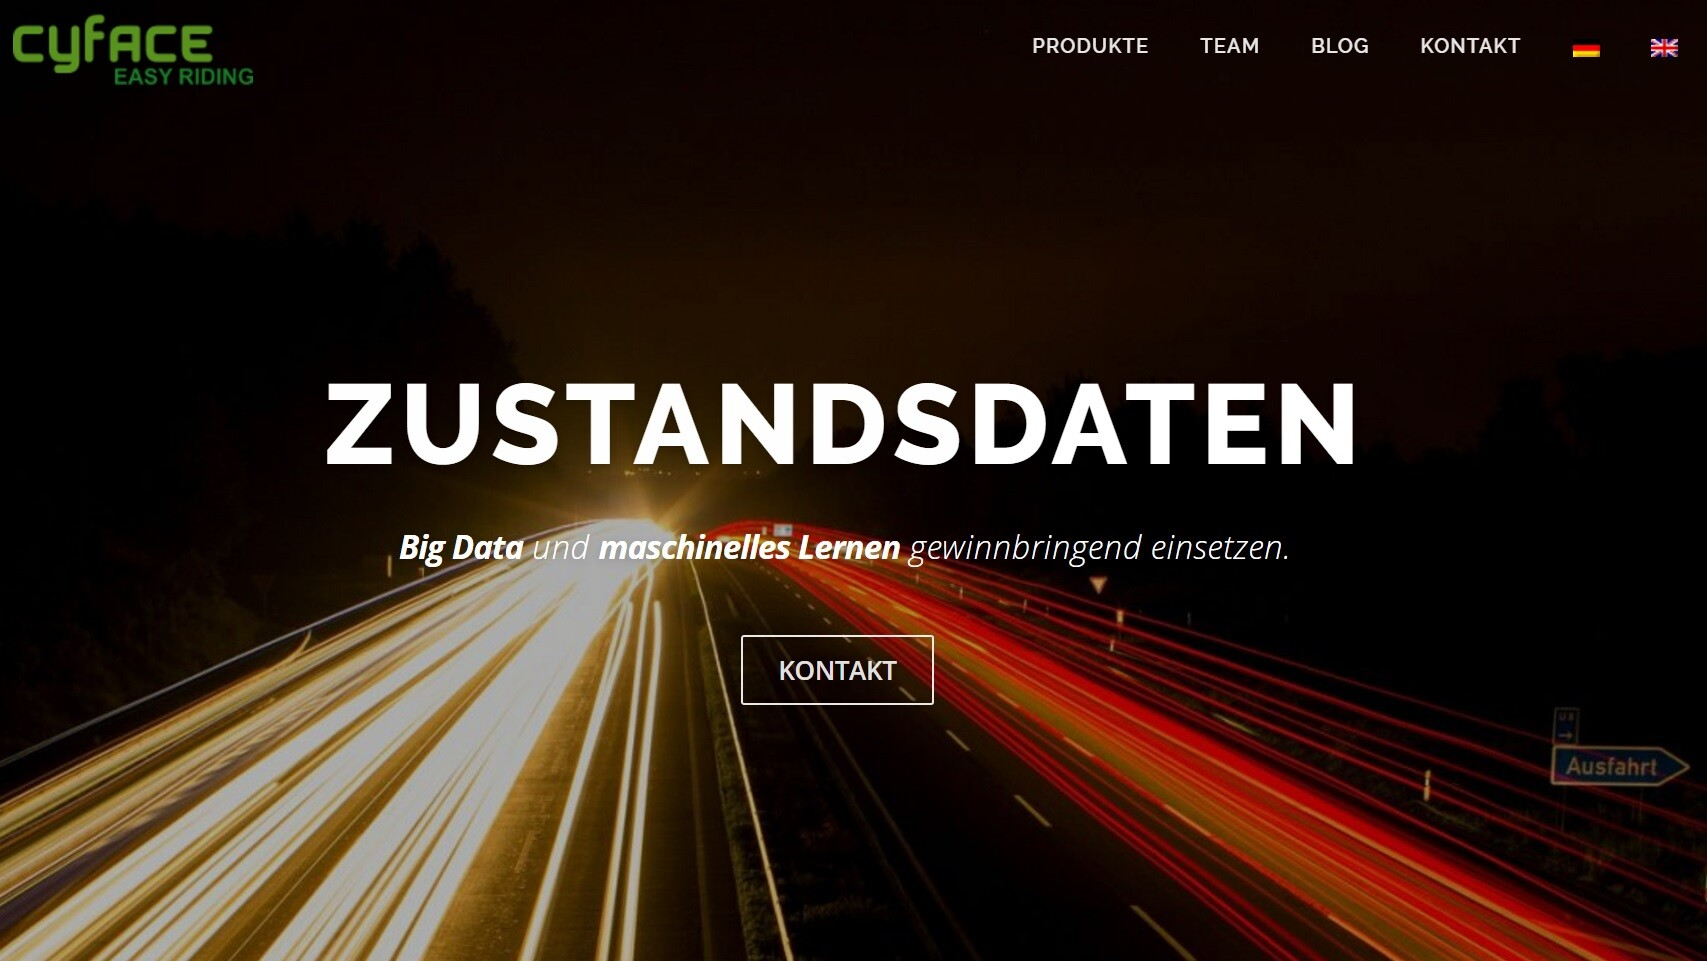 Neuer Webauftritt zur Gründung der Cyface GmbH